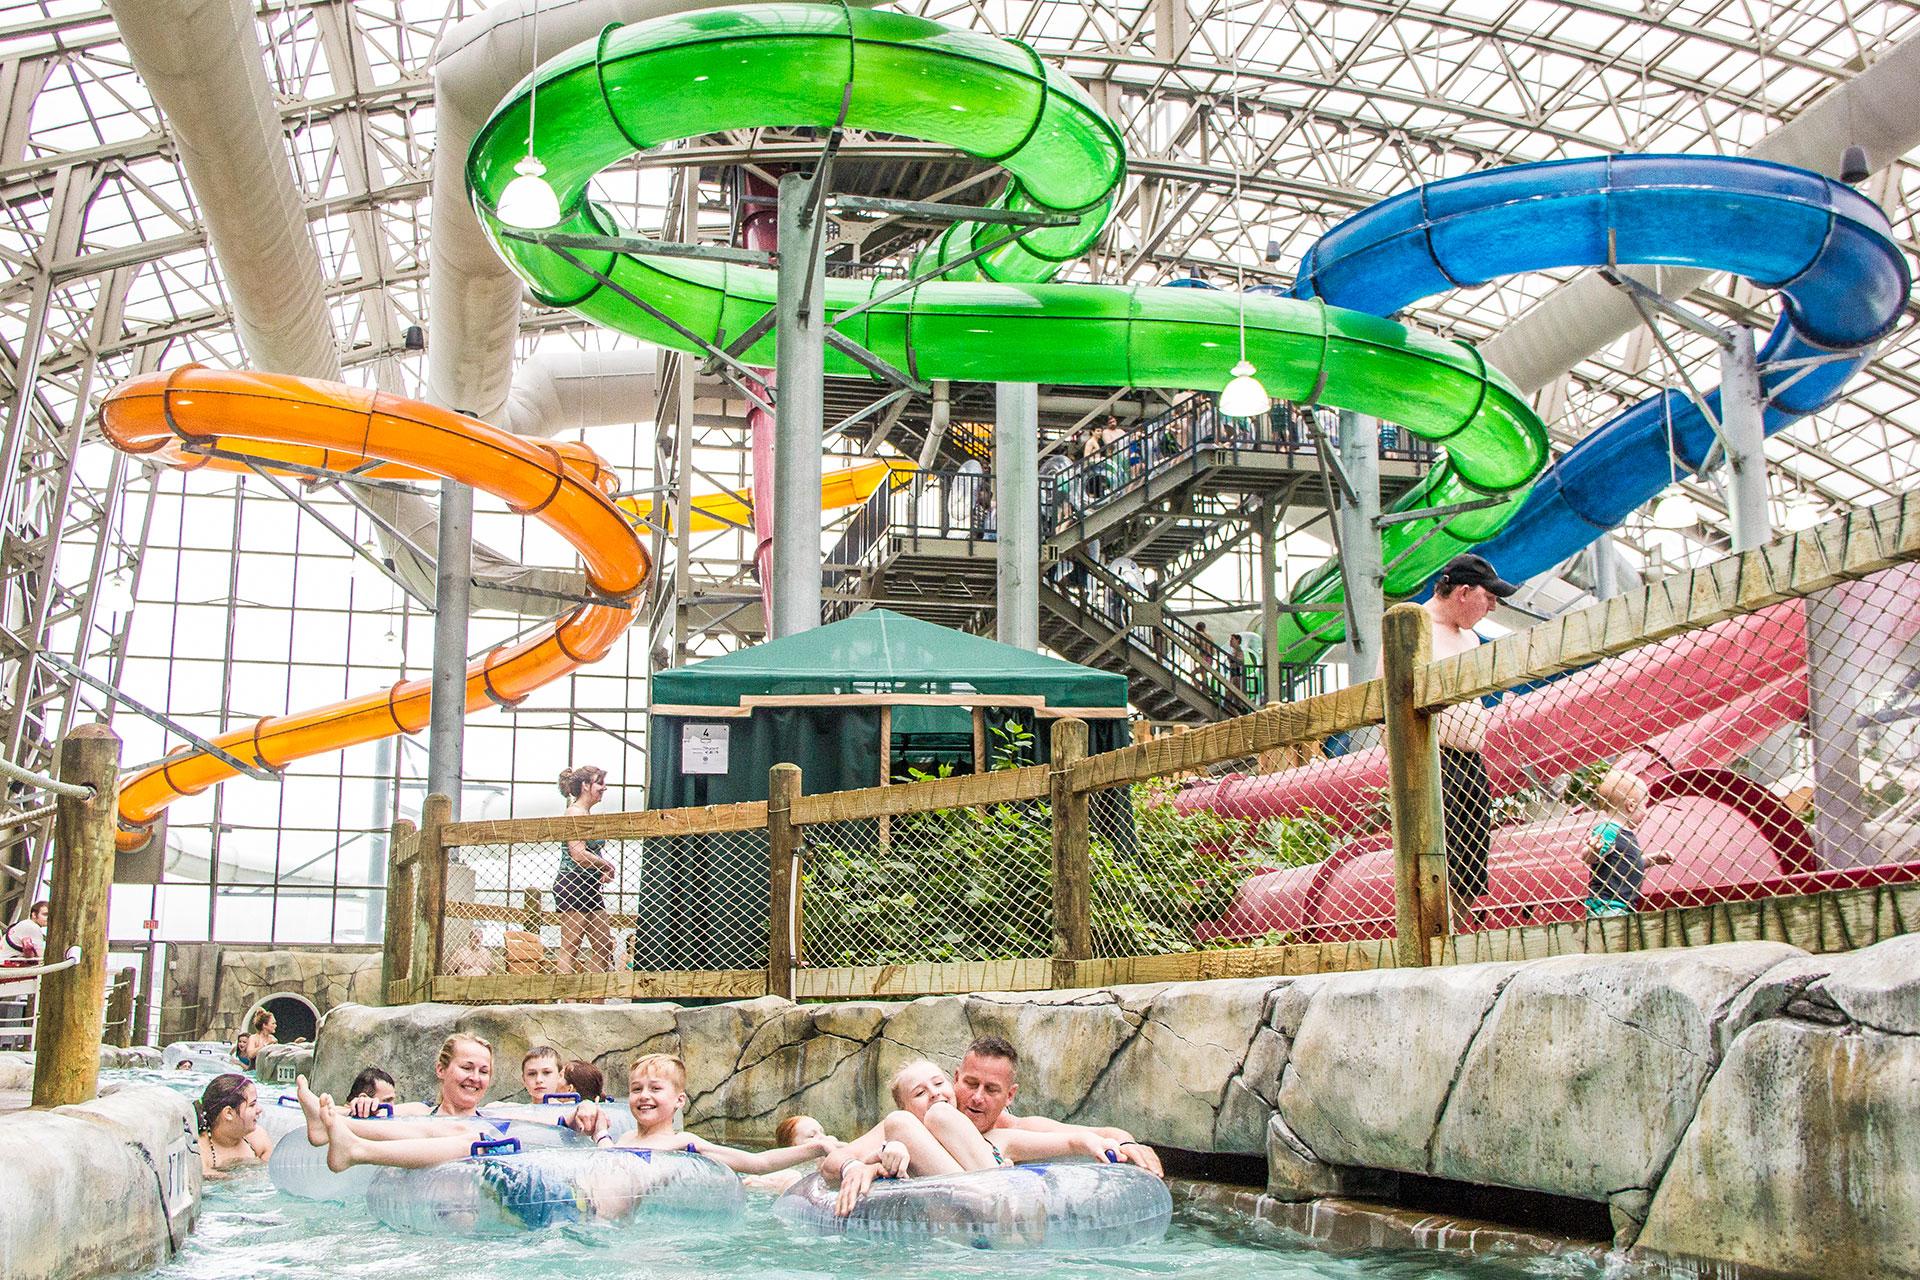 Jay Peak Pump House Indoor Waterpark